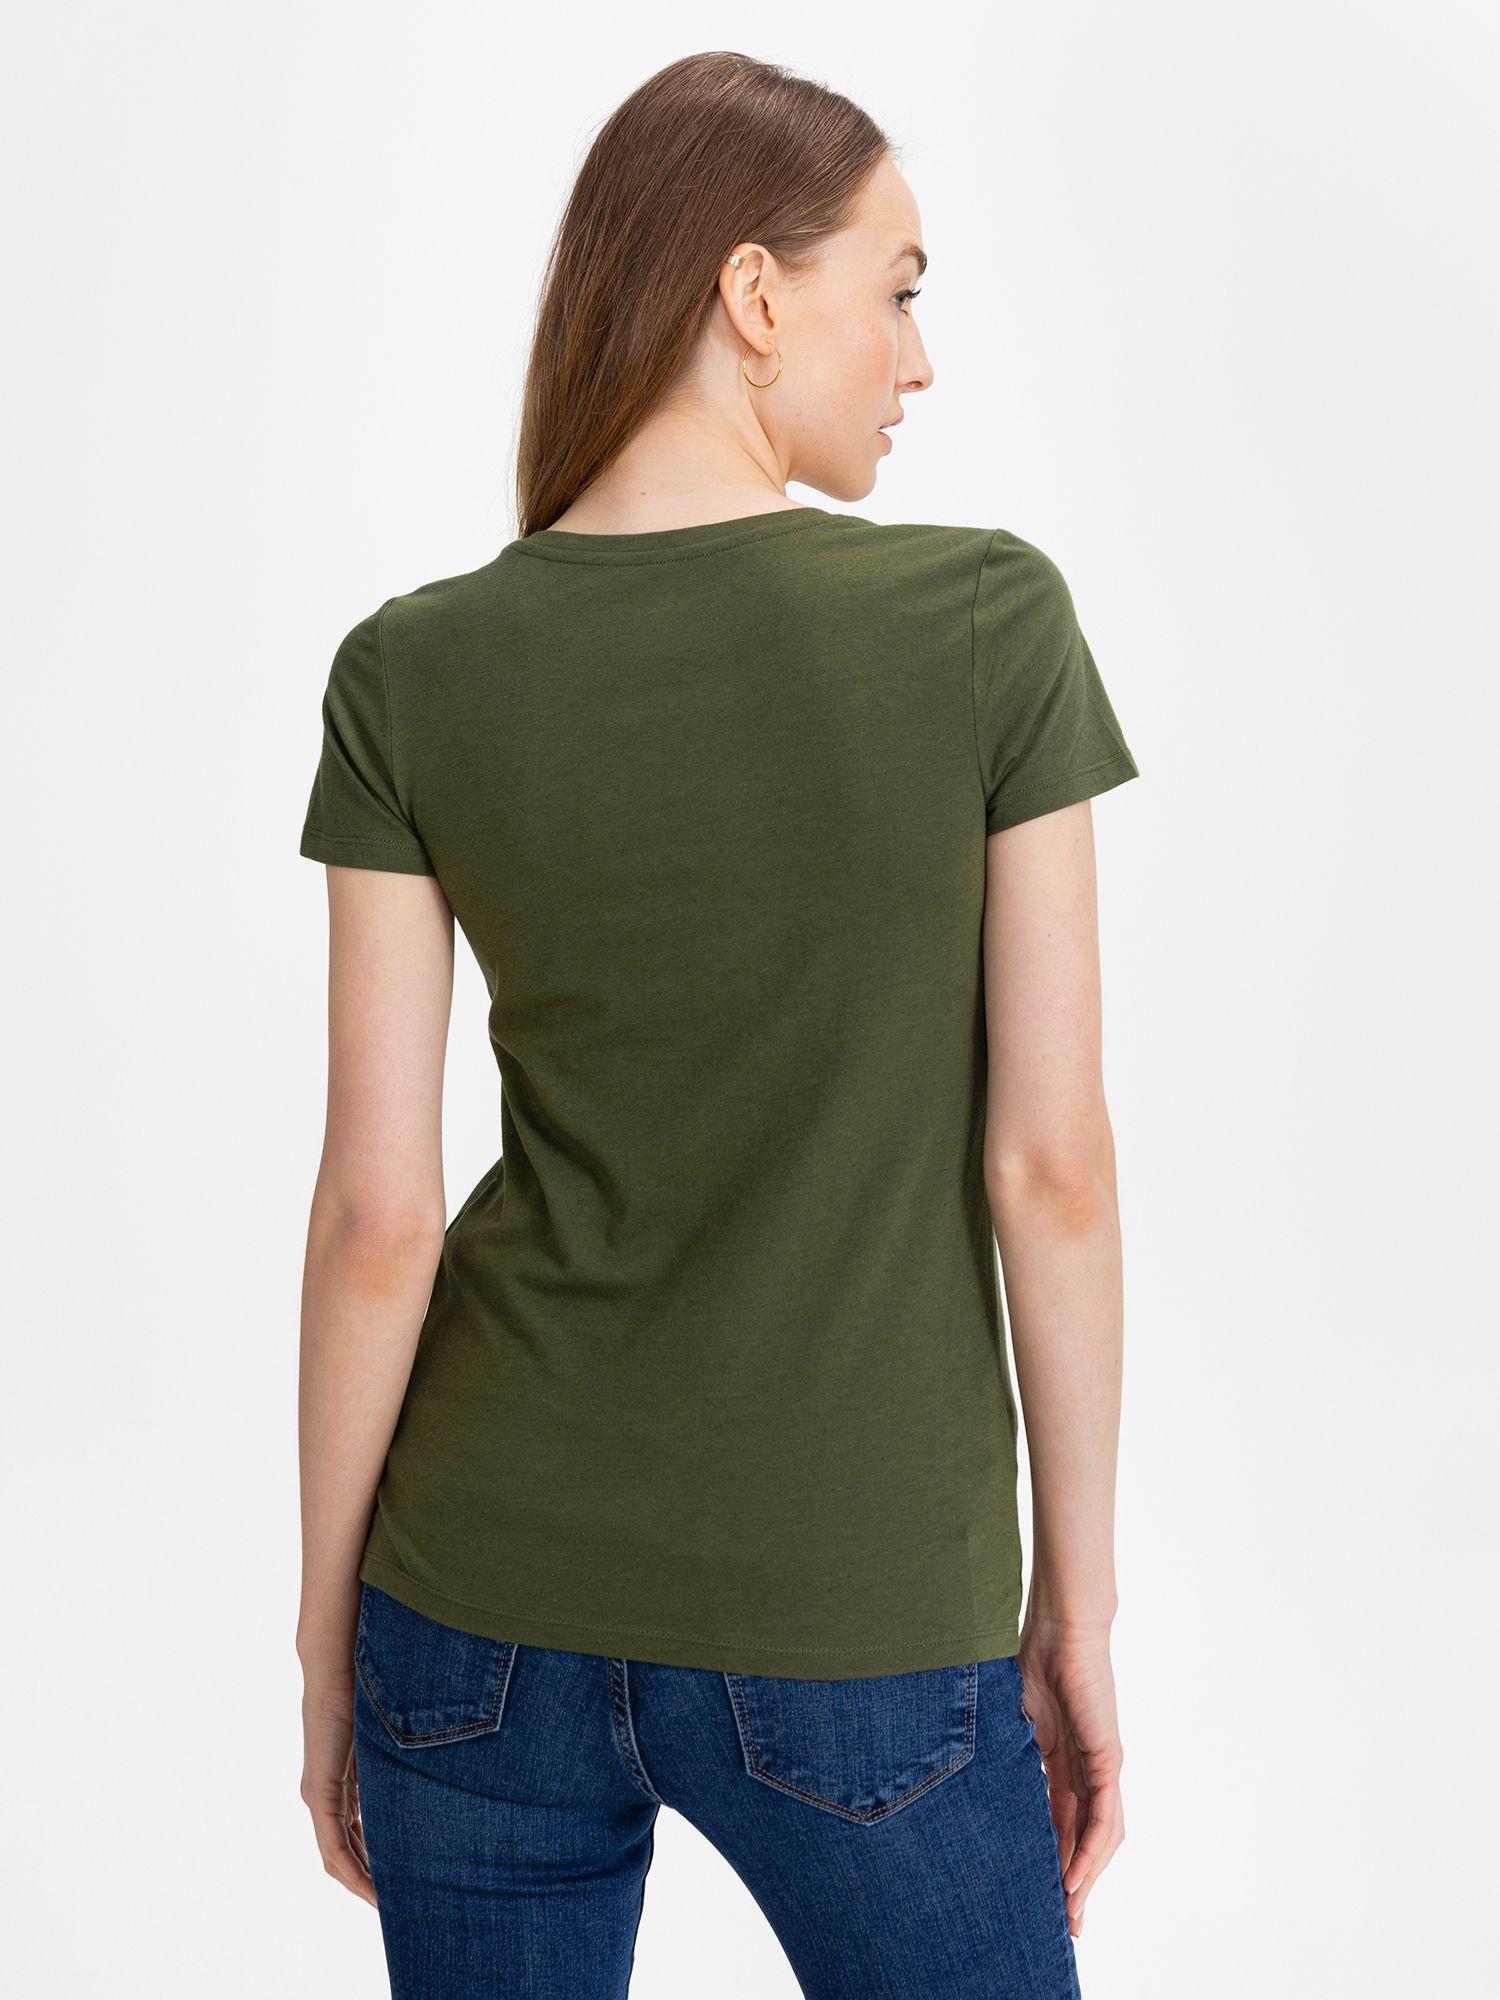 GAP verzi tricou Favorite